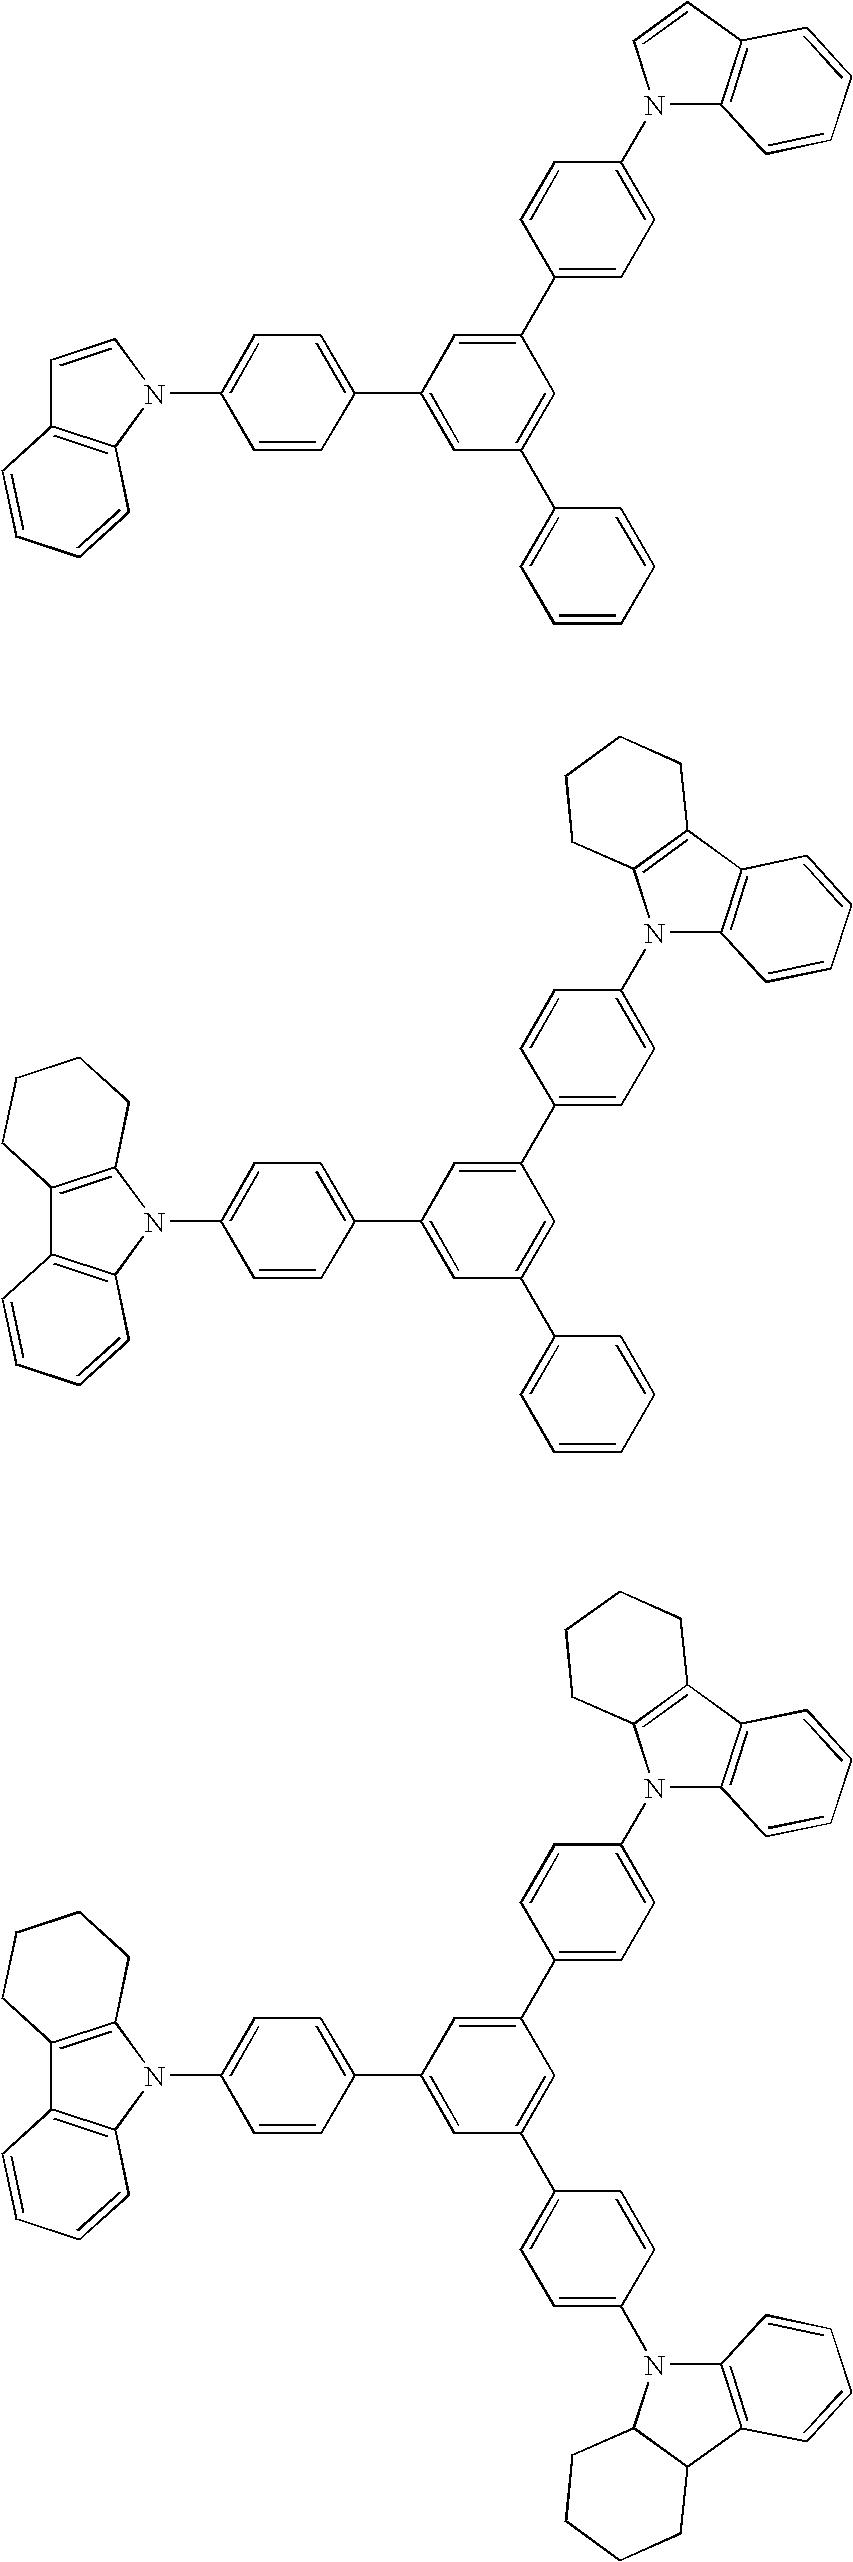 Figure US07608993-20091027-C00006